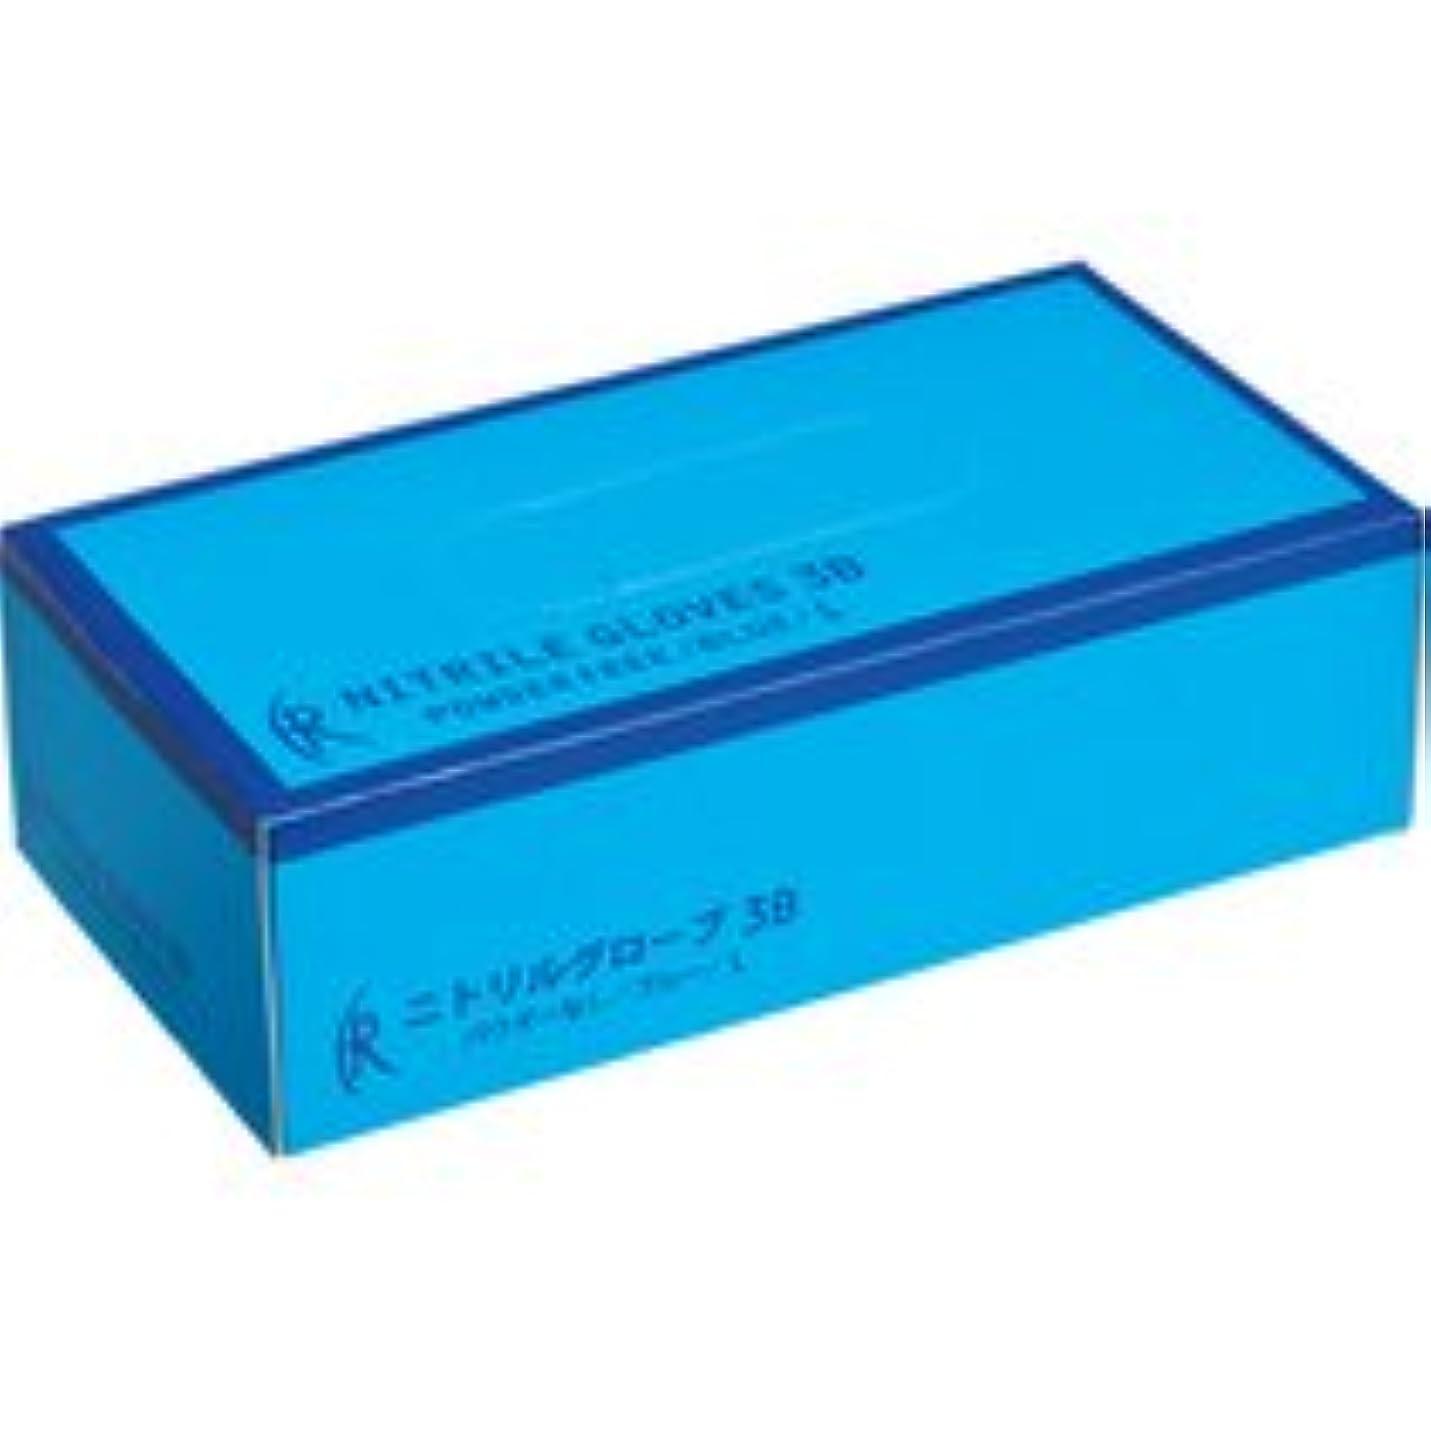 スクラップブック速度ゾーンファーストレイト ニトリルグローブ3B パウダーフリー L FR-5663 1箱(200枚)